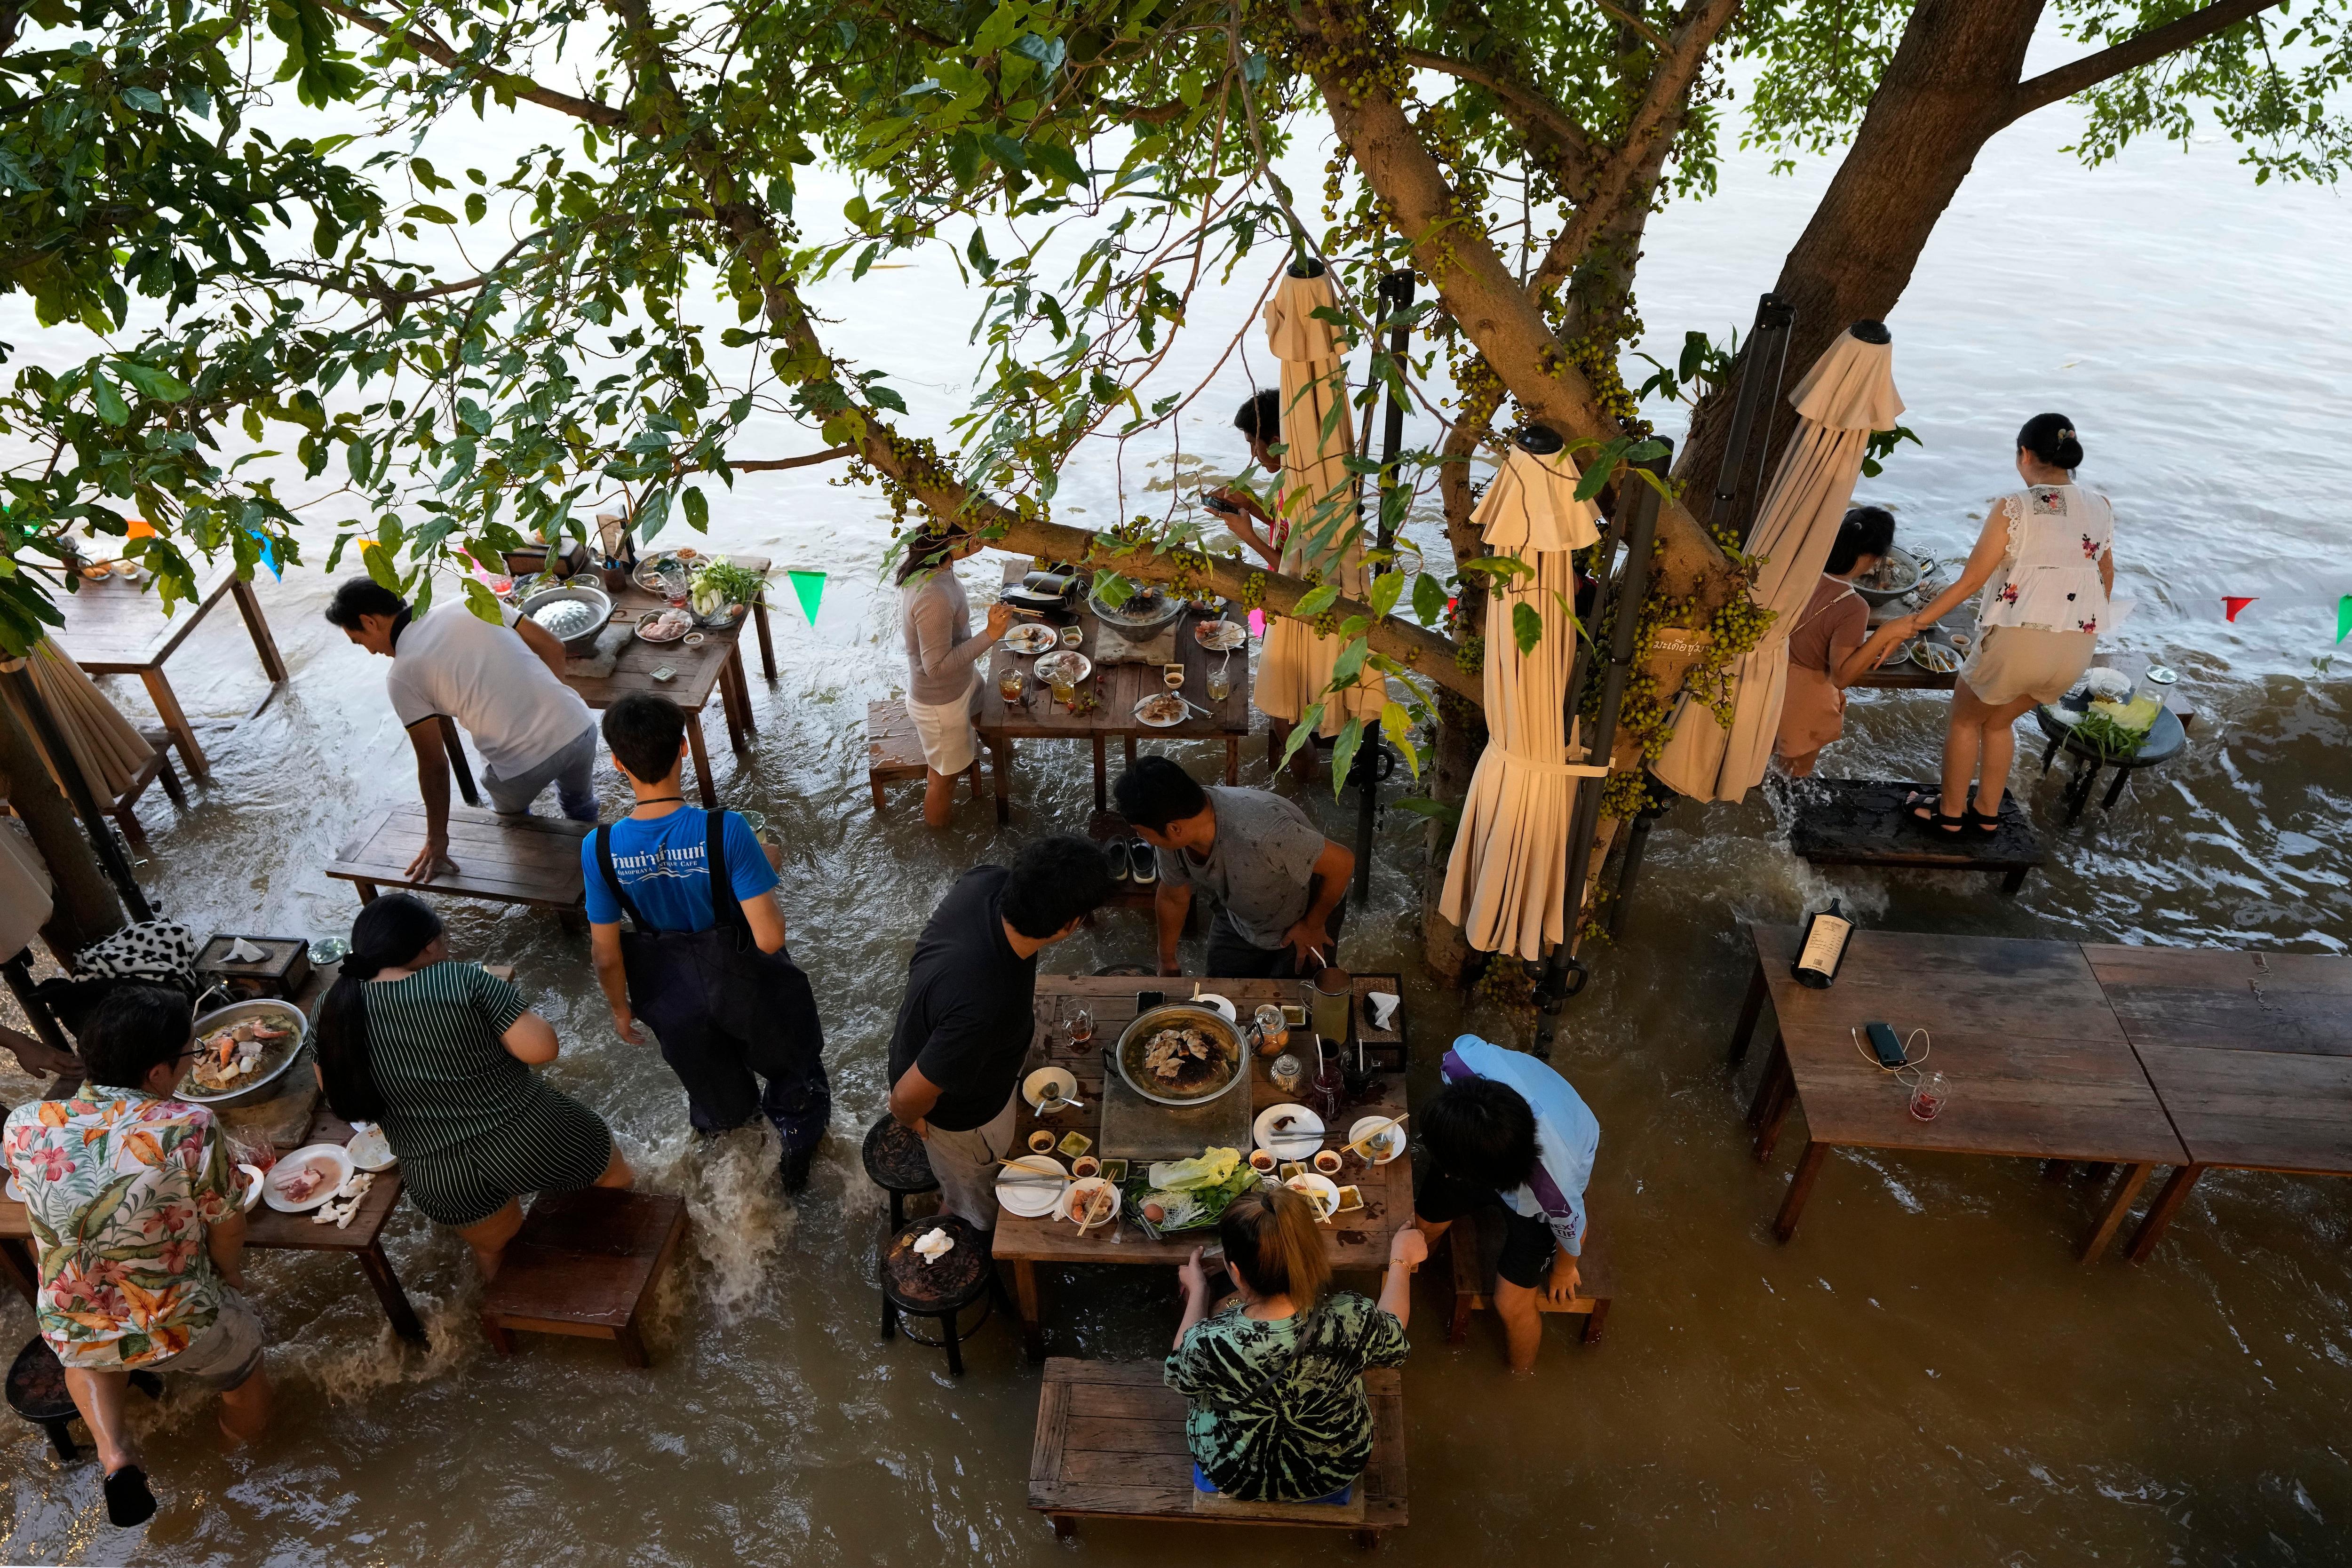 नदी के किनारे स्थित चौप्रया एंटीक कैफे के ग्राहक नाव के उठने पर प्रतिक्रिया करते हैं क्योंकि वे नोंथबुरी (एपी) में चाओ फ्राया नदी में असाधारण उच्च जल स्तर का आनंद लेते हैं।